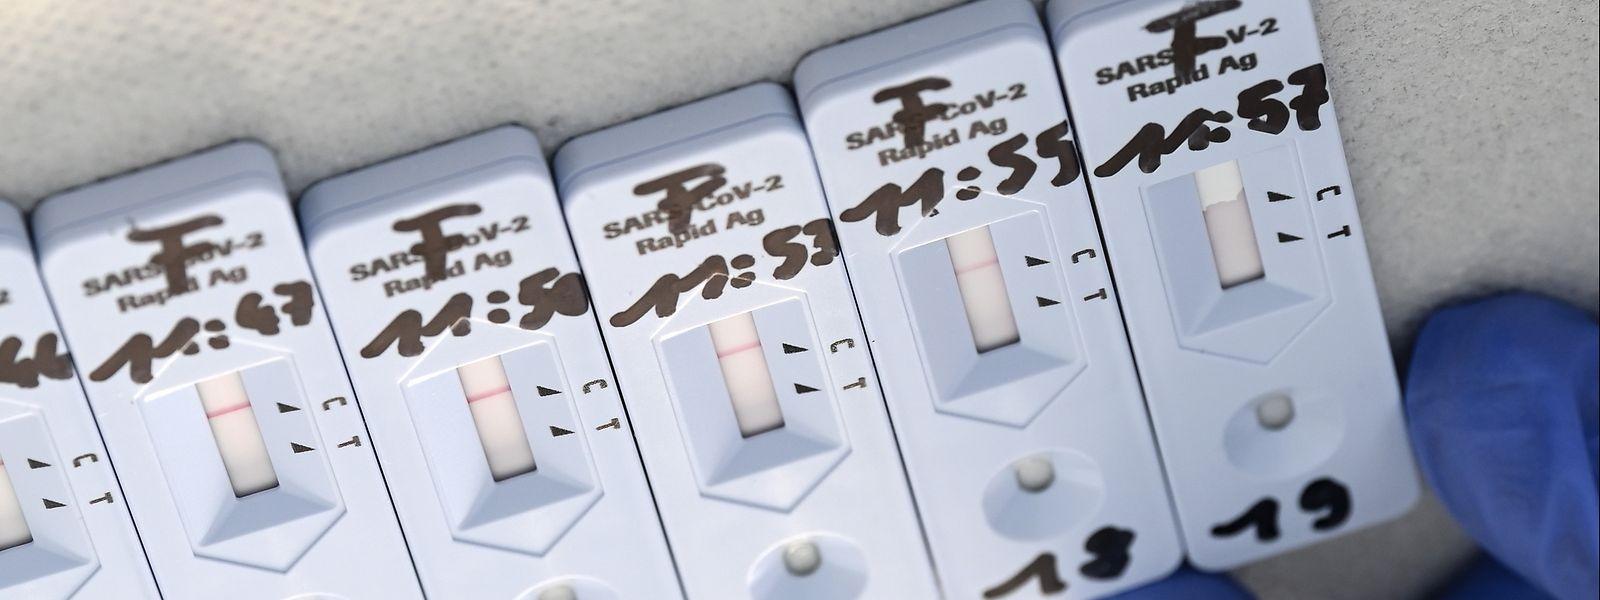 L'introduction des tests rapides pourrait être un facteur de ralentissement de l'épidémie, en détectant au plus tôt les cas.